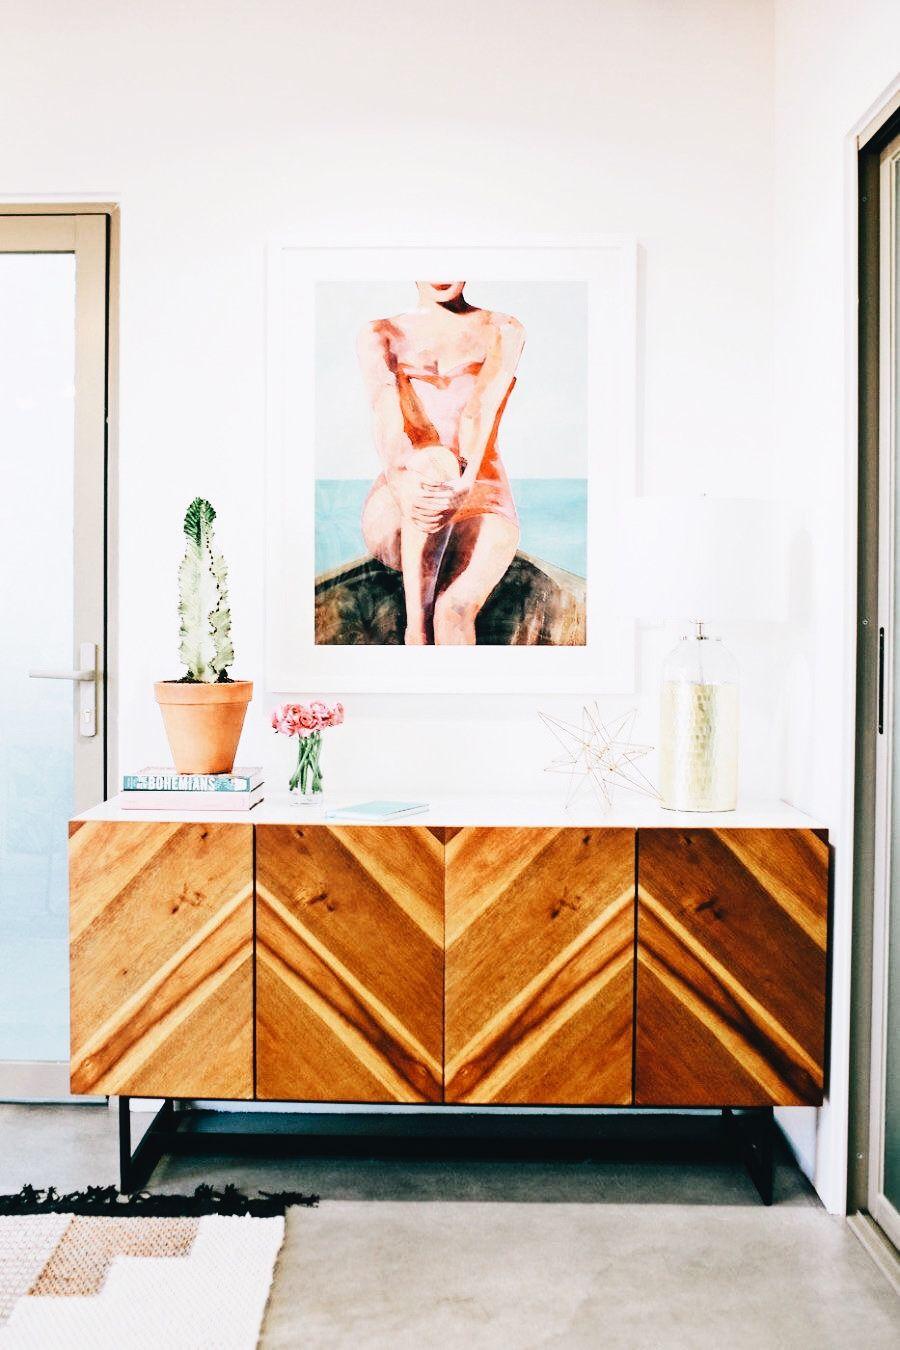 deco maison idees pour la maison mobilier de salon art de porte d